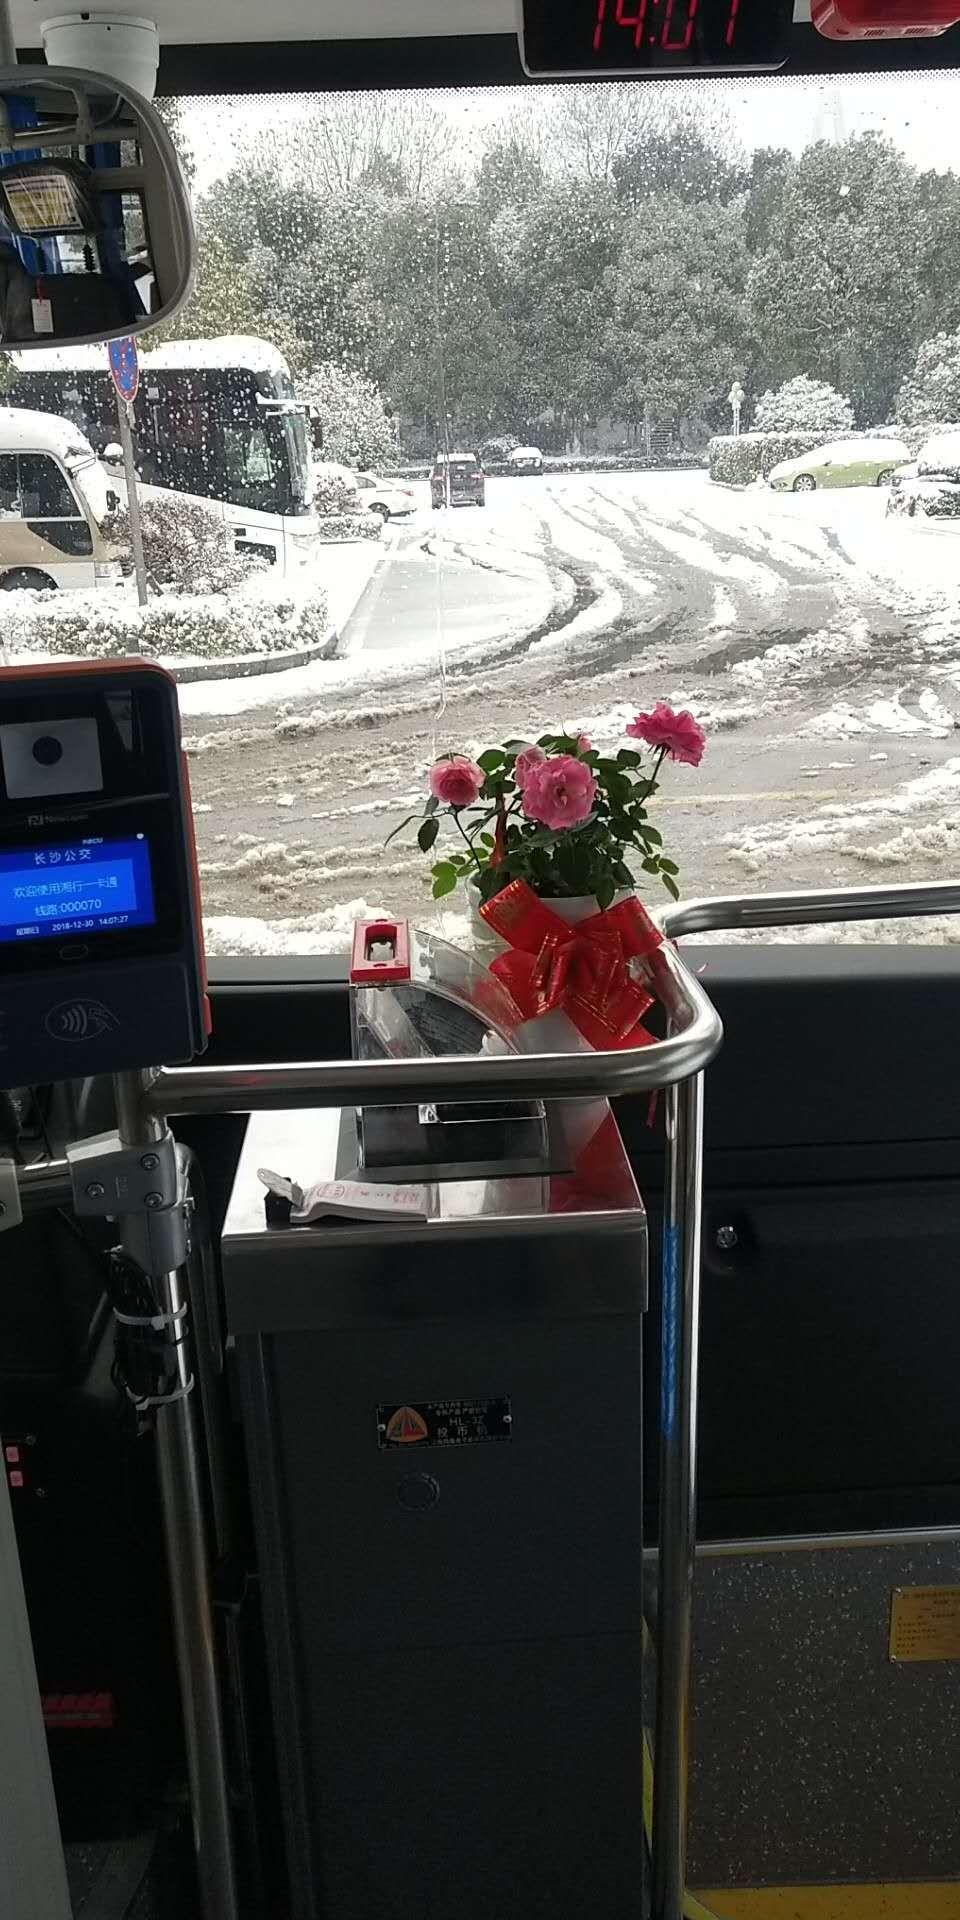 迎战冰雪丨暖暖的坐垫、暖暖的姜茶,粉红色鲜花,长沙的公交车好温暖!